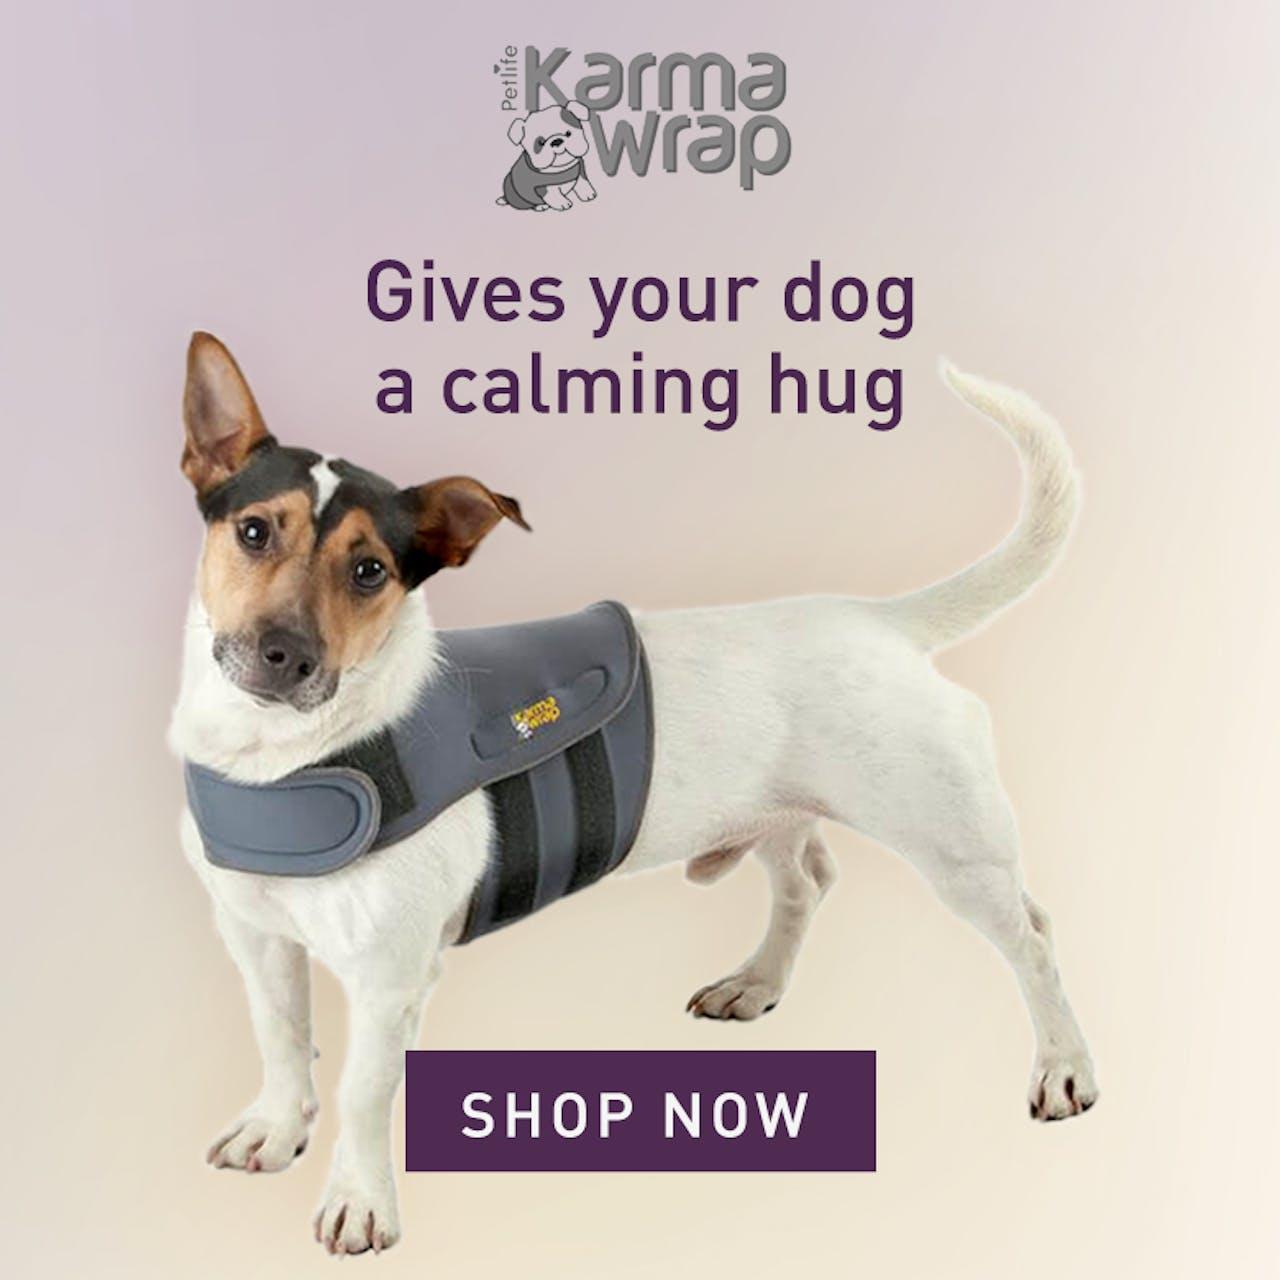 https://www.petstop.ie/petlife-karmawrap-dog-anxiety-wrap